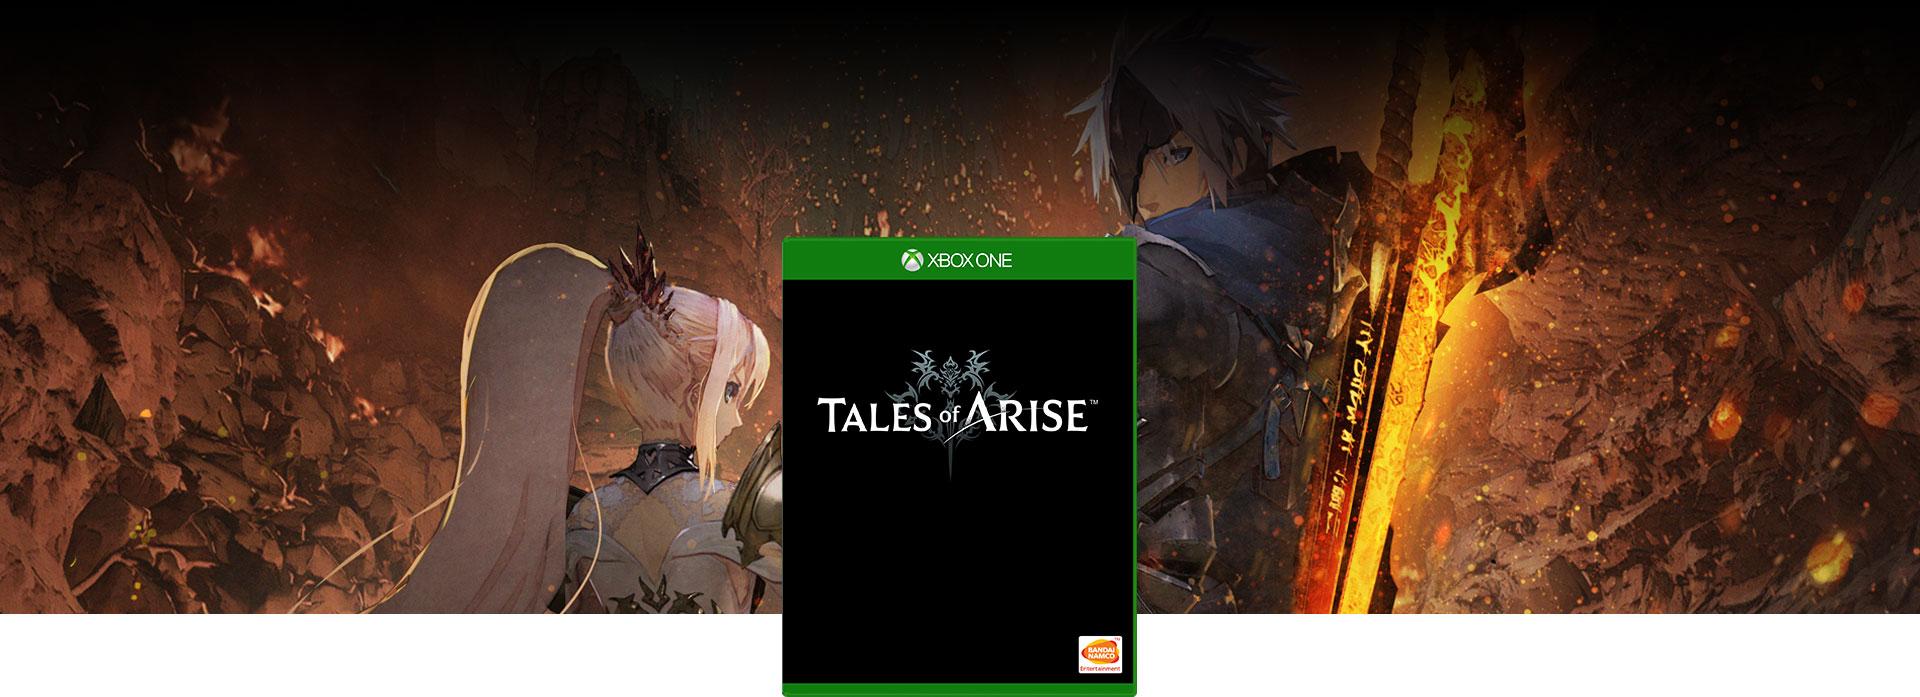 Obrázok balenia hry Tales of Arise, ženská a mužská postava pozerajúca sa späť s dvoma mečmi, z ktorých jeden žiari na oranžovo